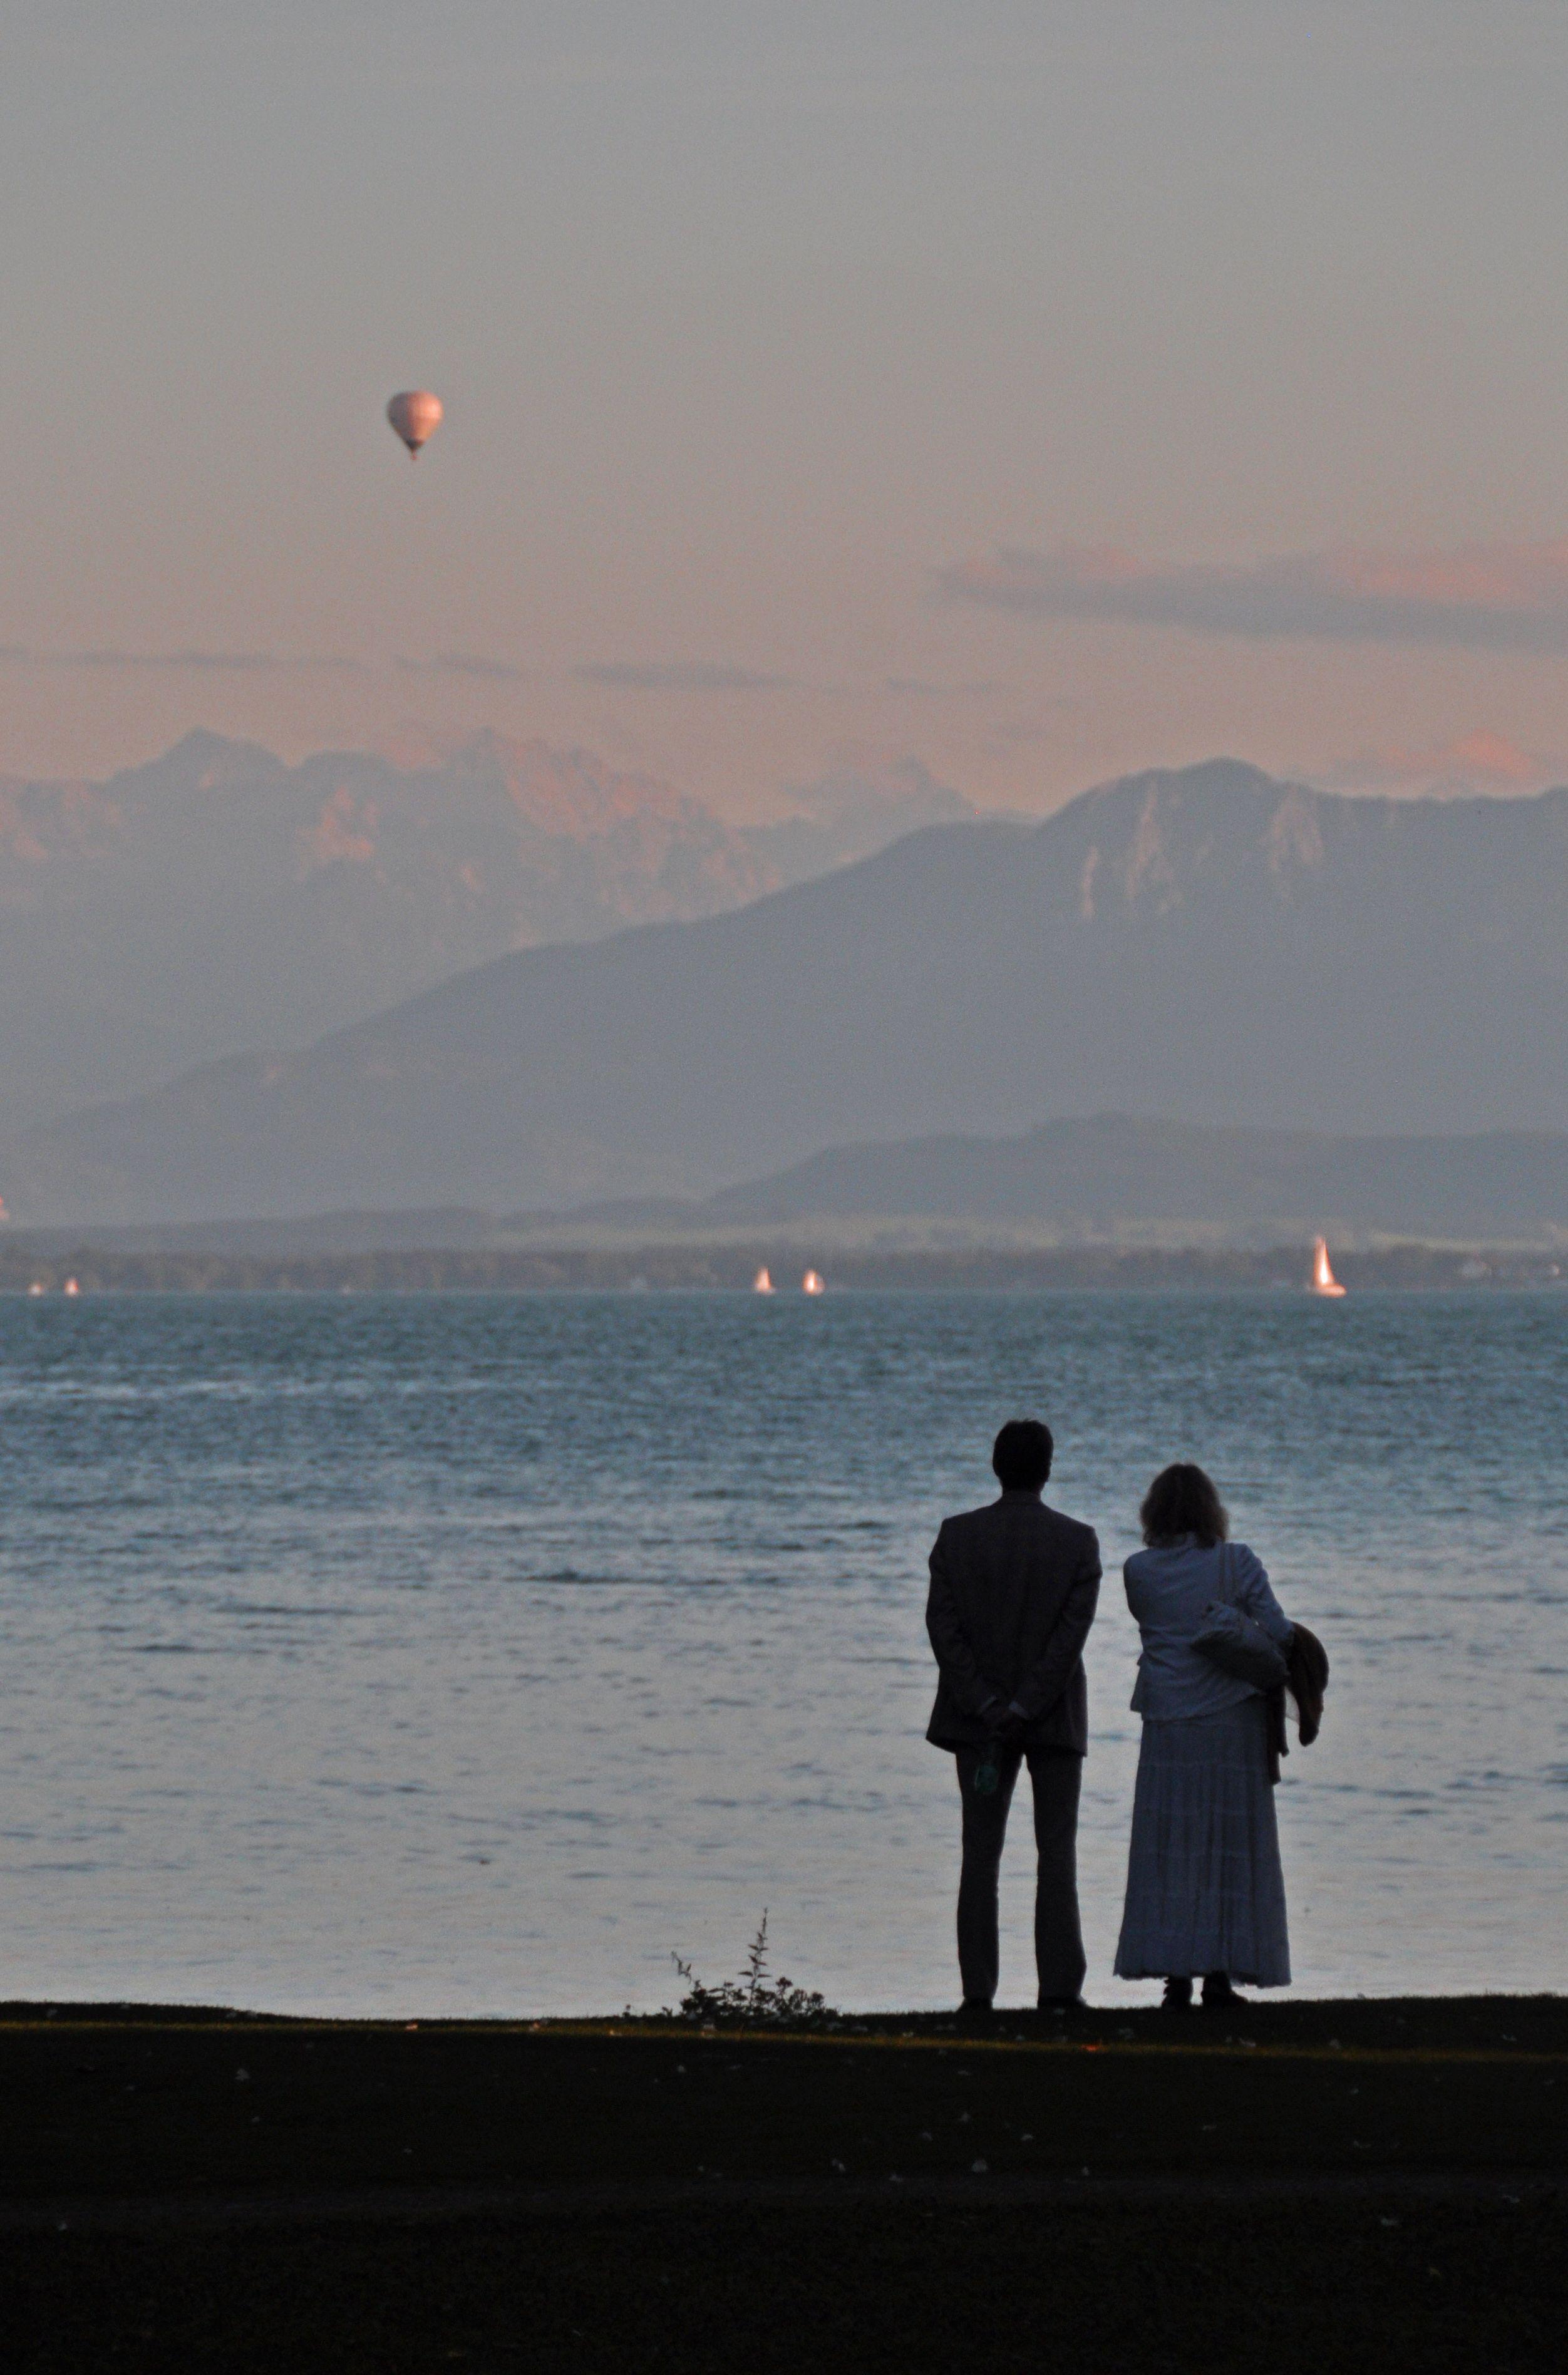 Ein Paar genießt die Abendstimmung auf der Roseninsel it fantastischem Blick auf die Alpen bei Sonnenuntergang